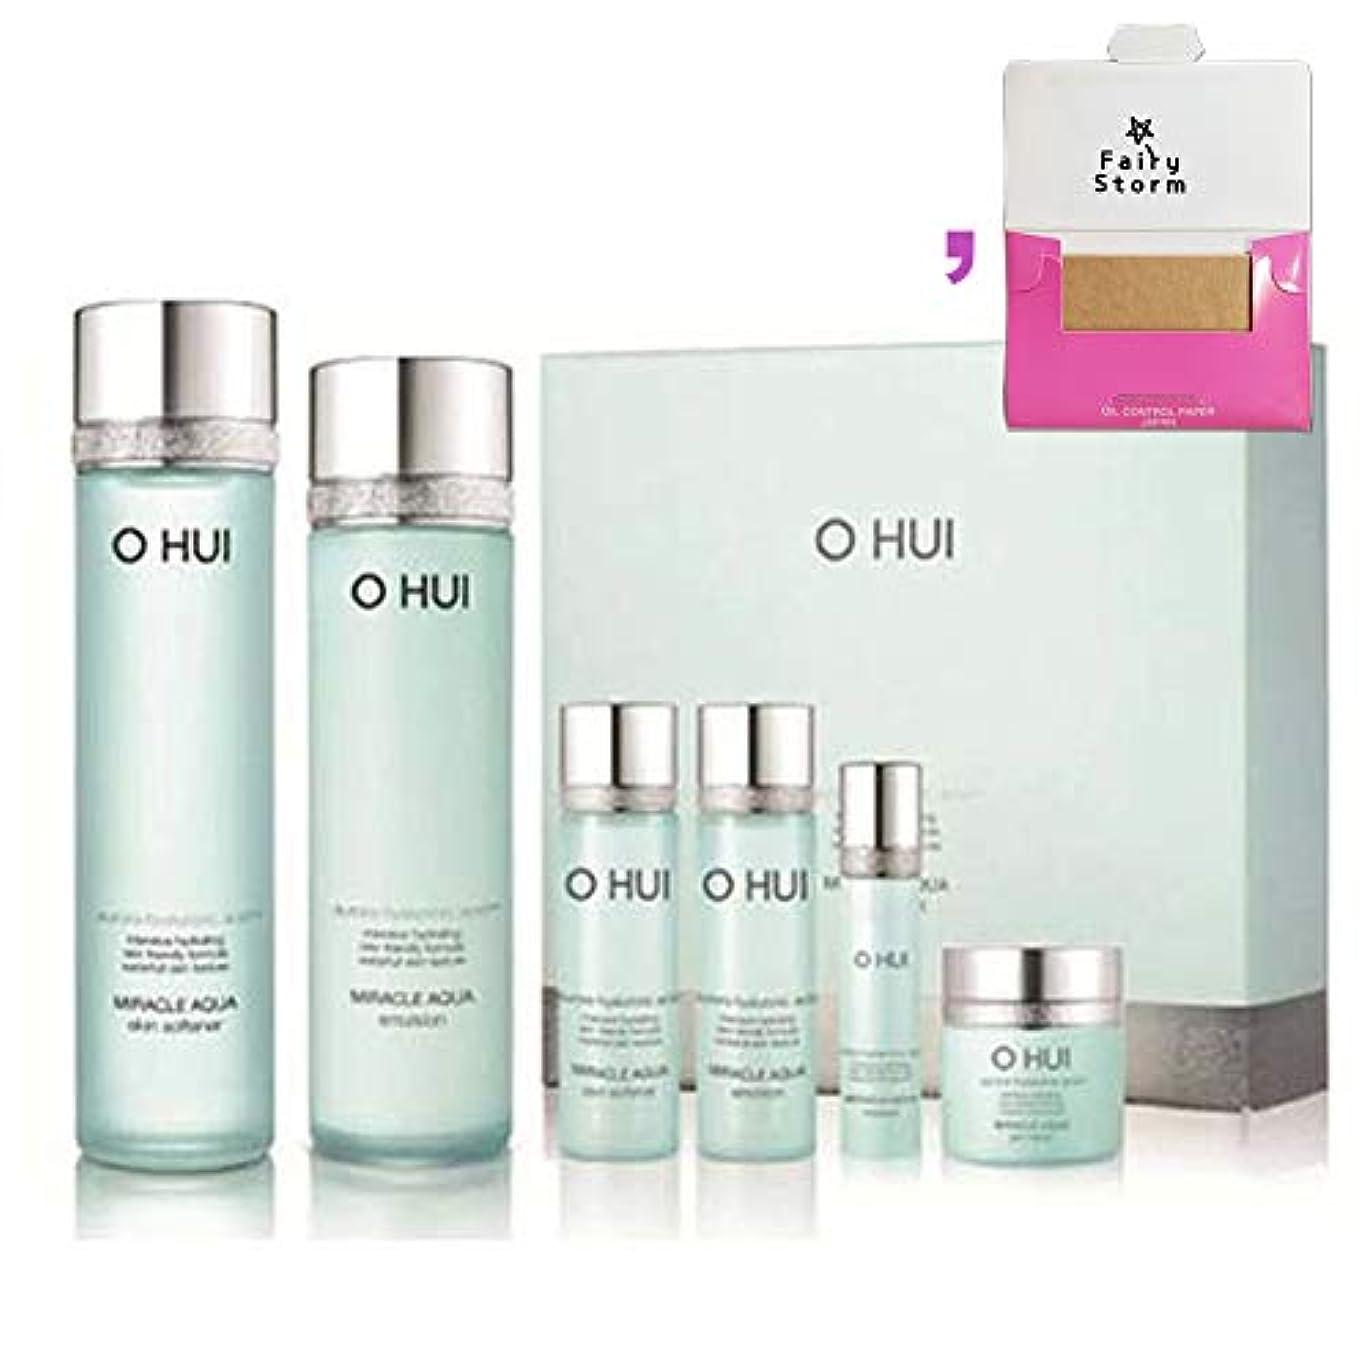 牧師レクリエーション委任する[オフィ/O HUI]韓国化粧品LG生活健康/O HUI MIRACLE AQUA SPECIAL 2EA SET/ミラクルアクア 2種セット+[Sample Gift](海外直送品)